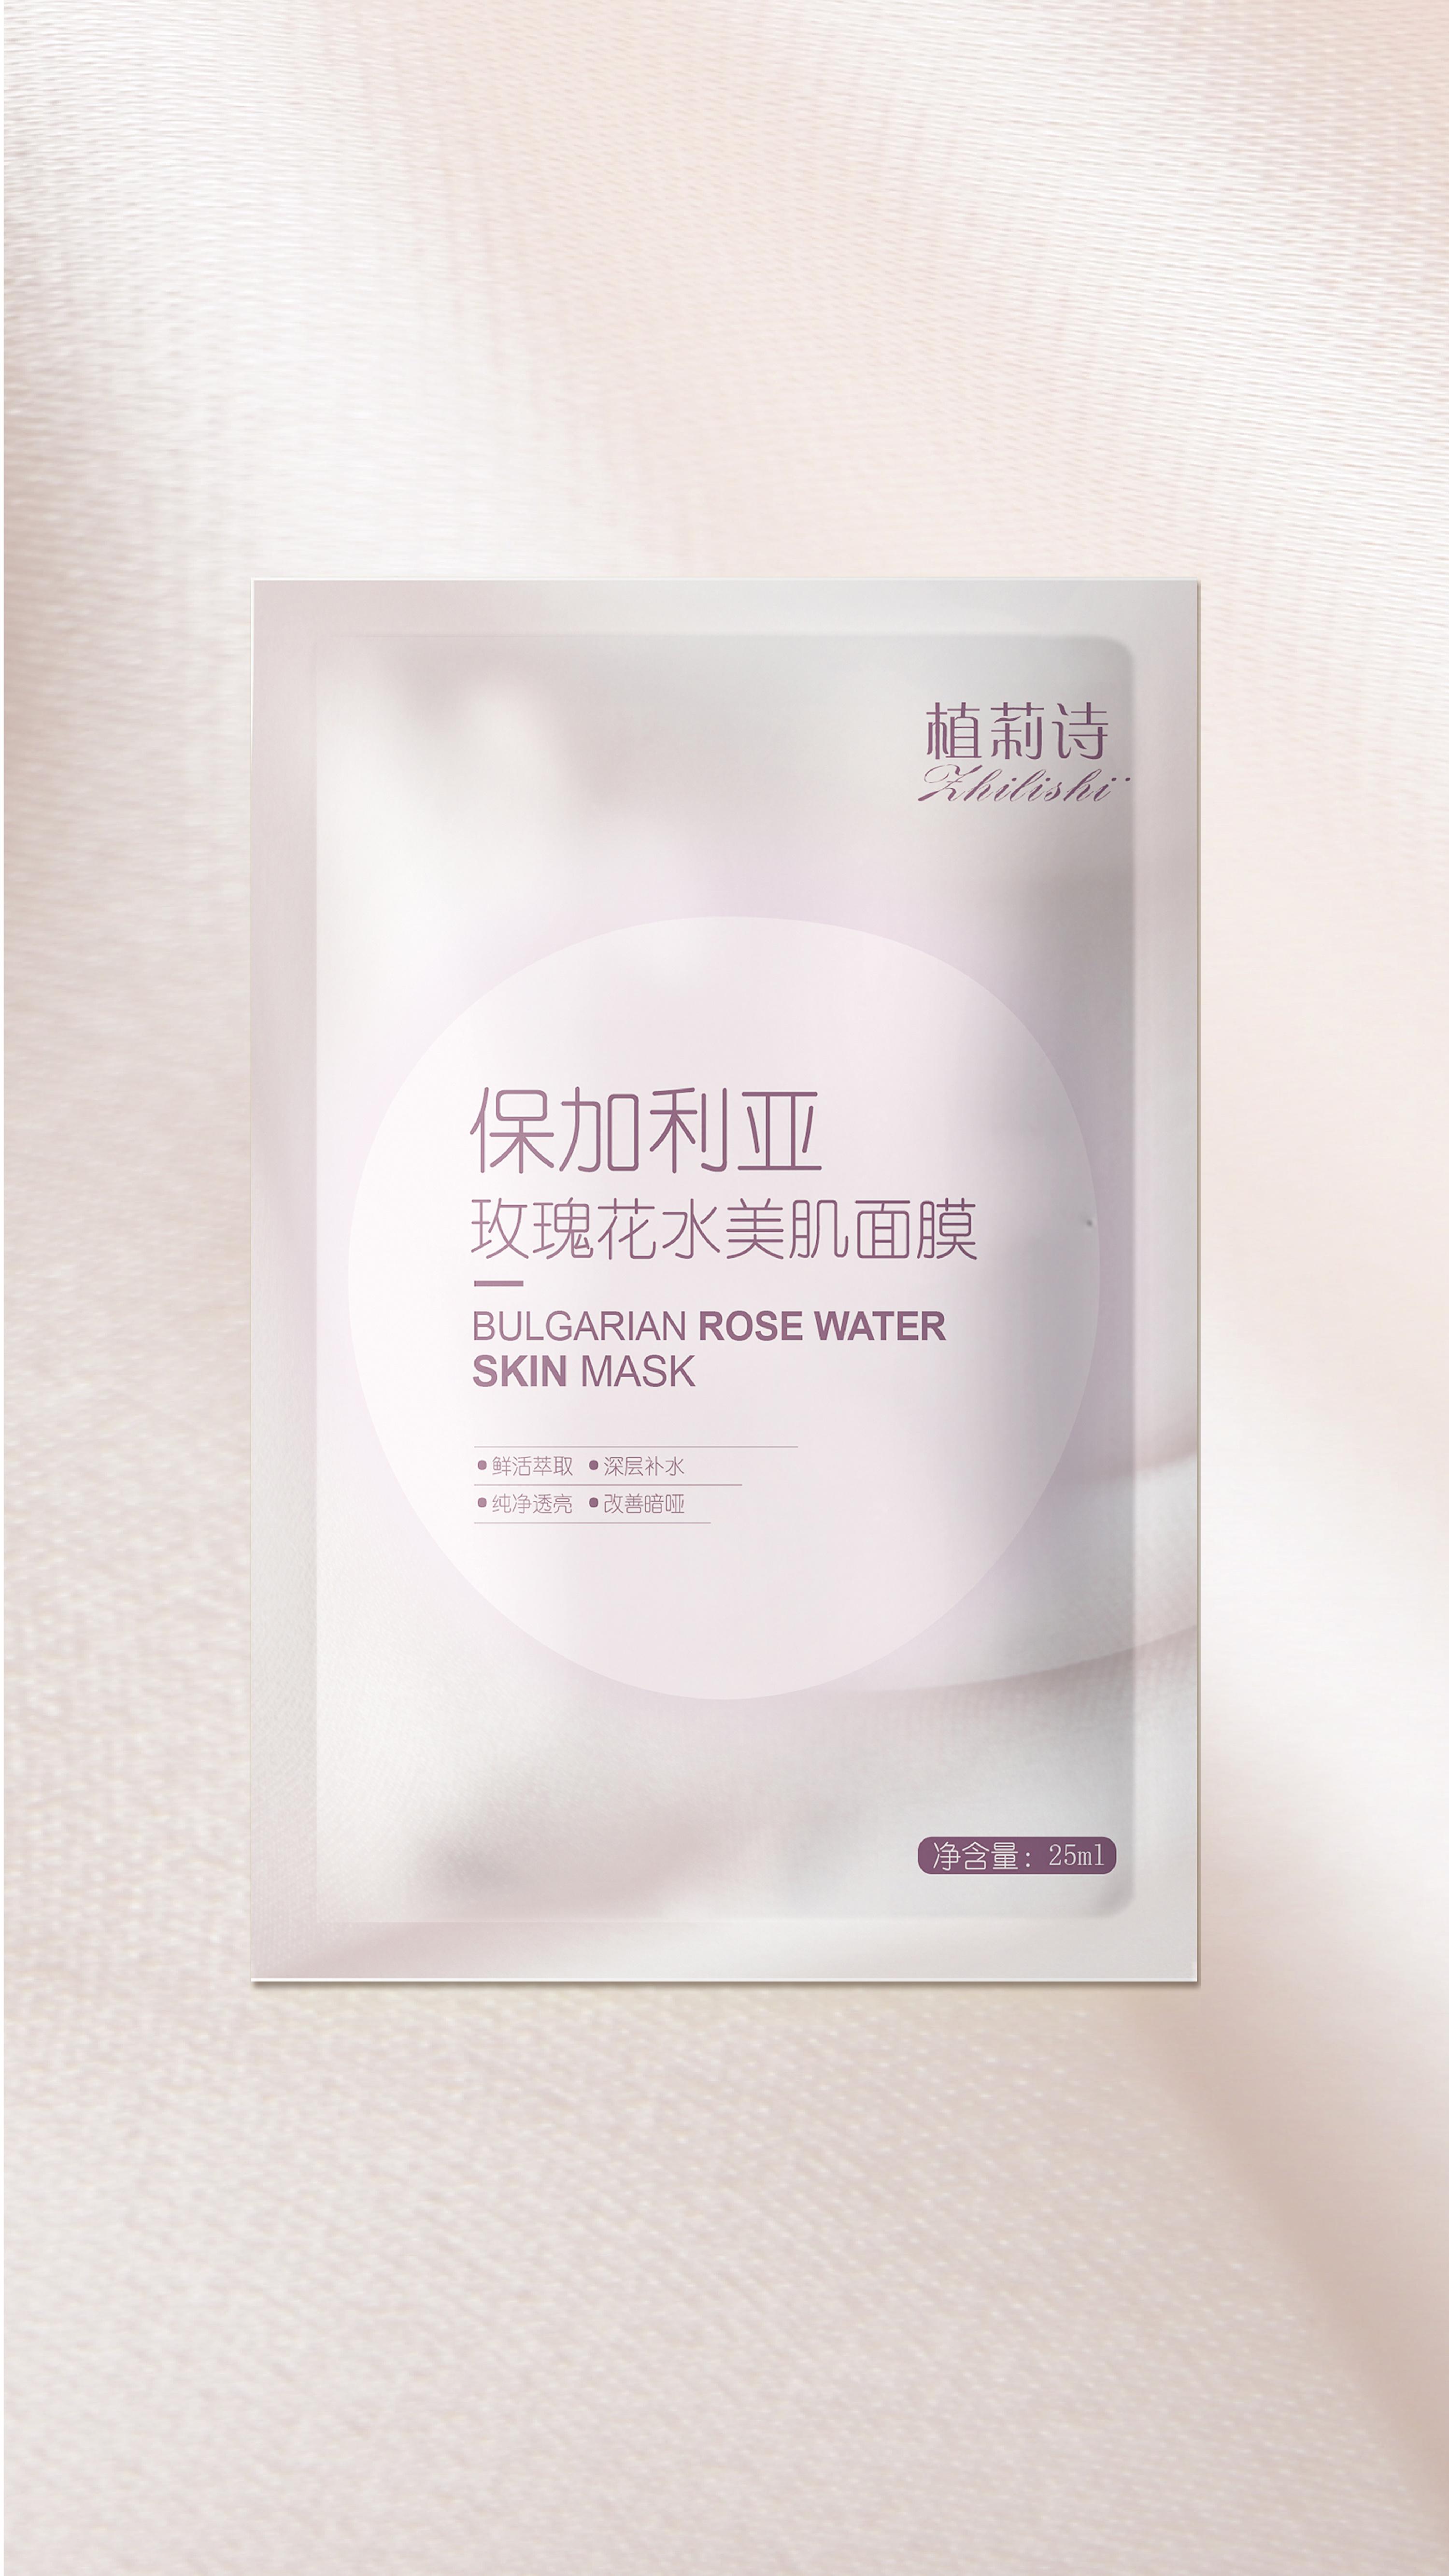 一些面膜包装整理[郭设计][尔闻墨间]天津顺义包装设计图片